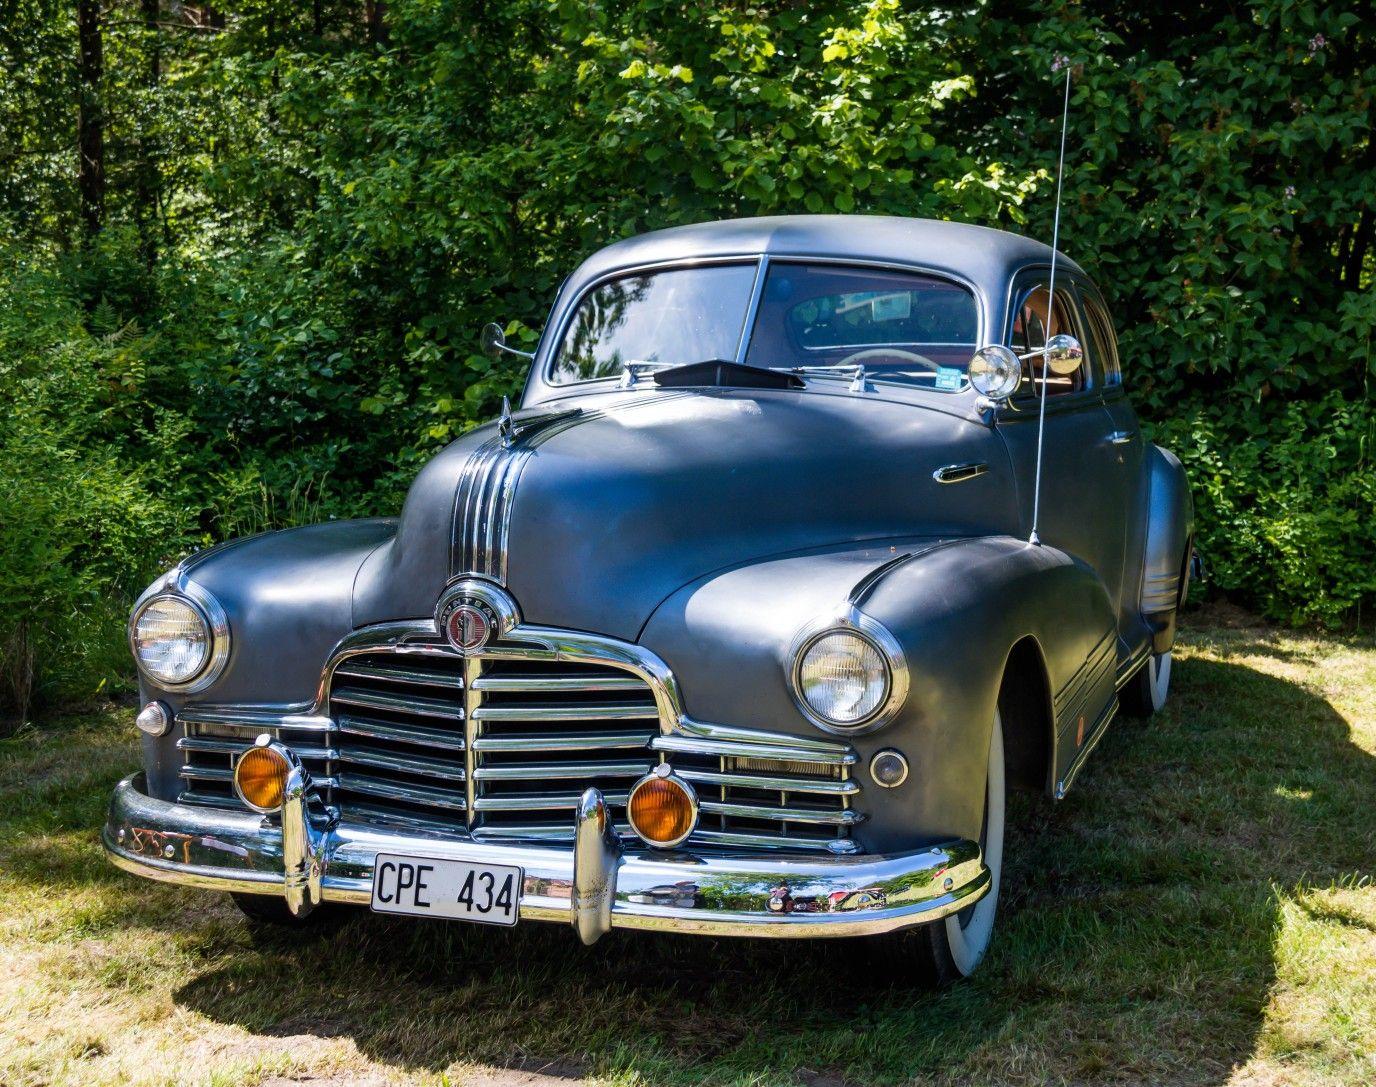 transpress nz 1942 pontiac coupe 1939 Pontiac Coupe 1942 pontiac coupe